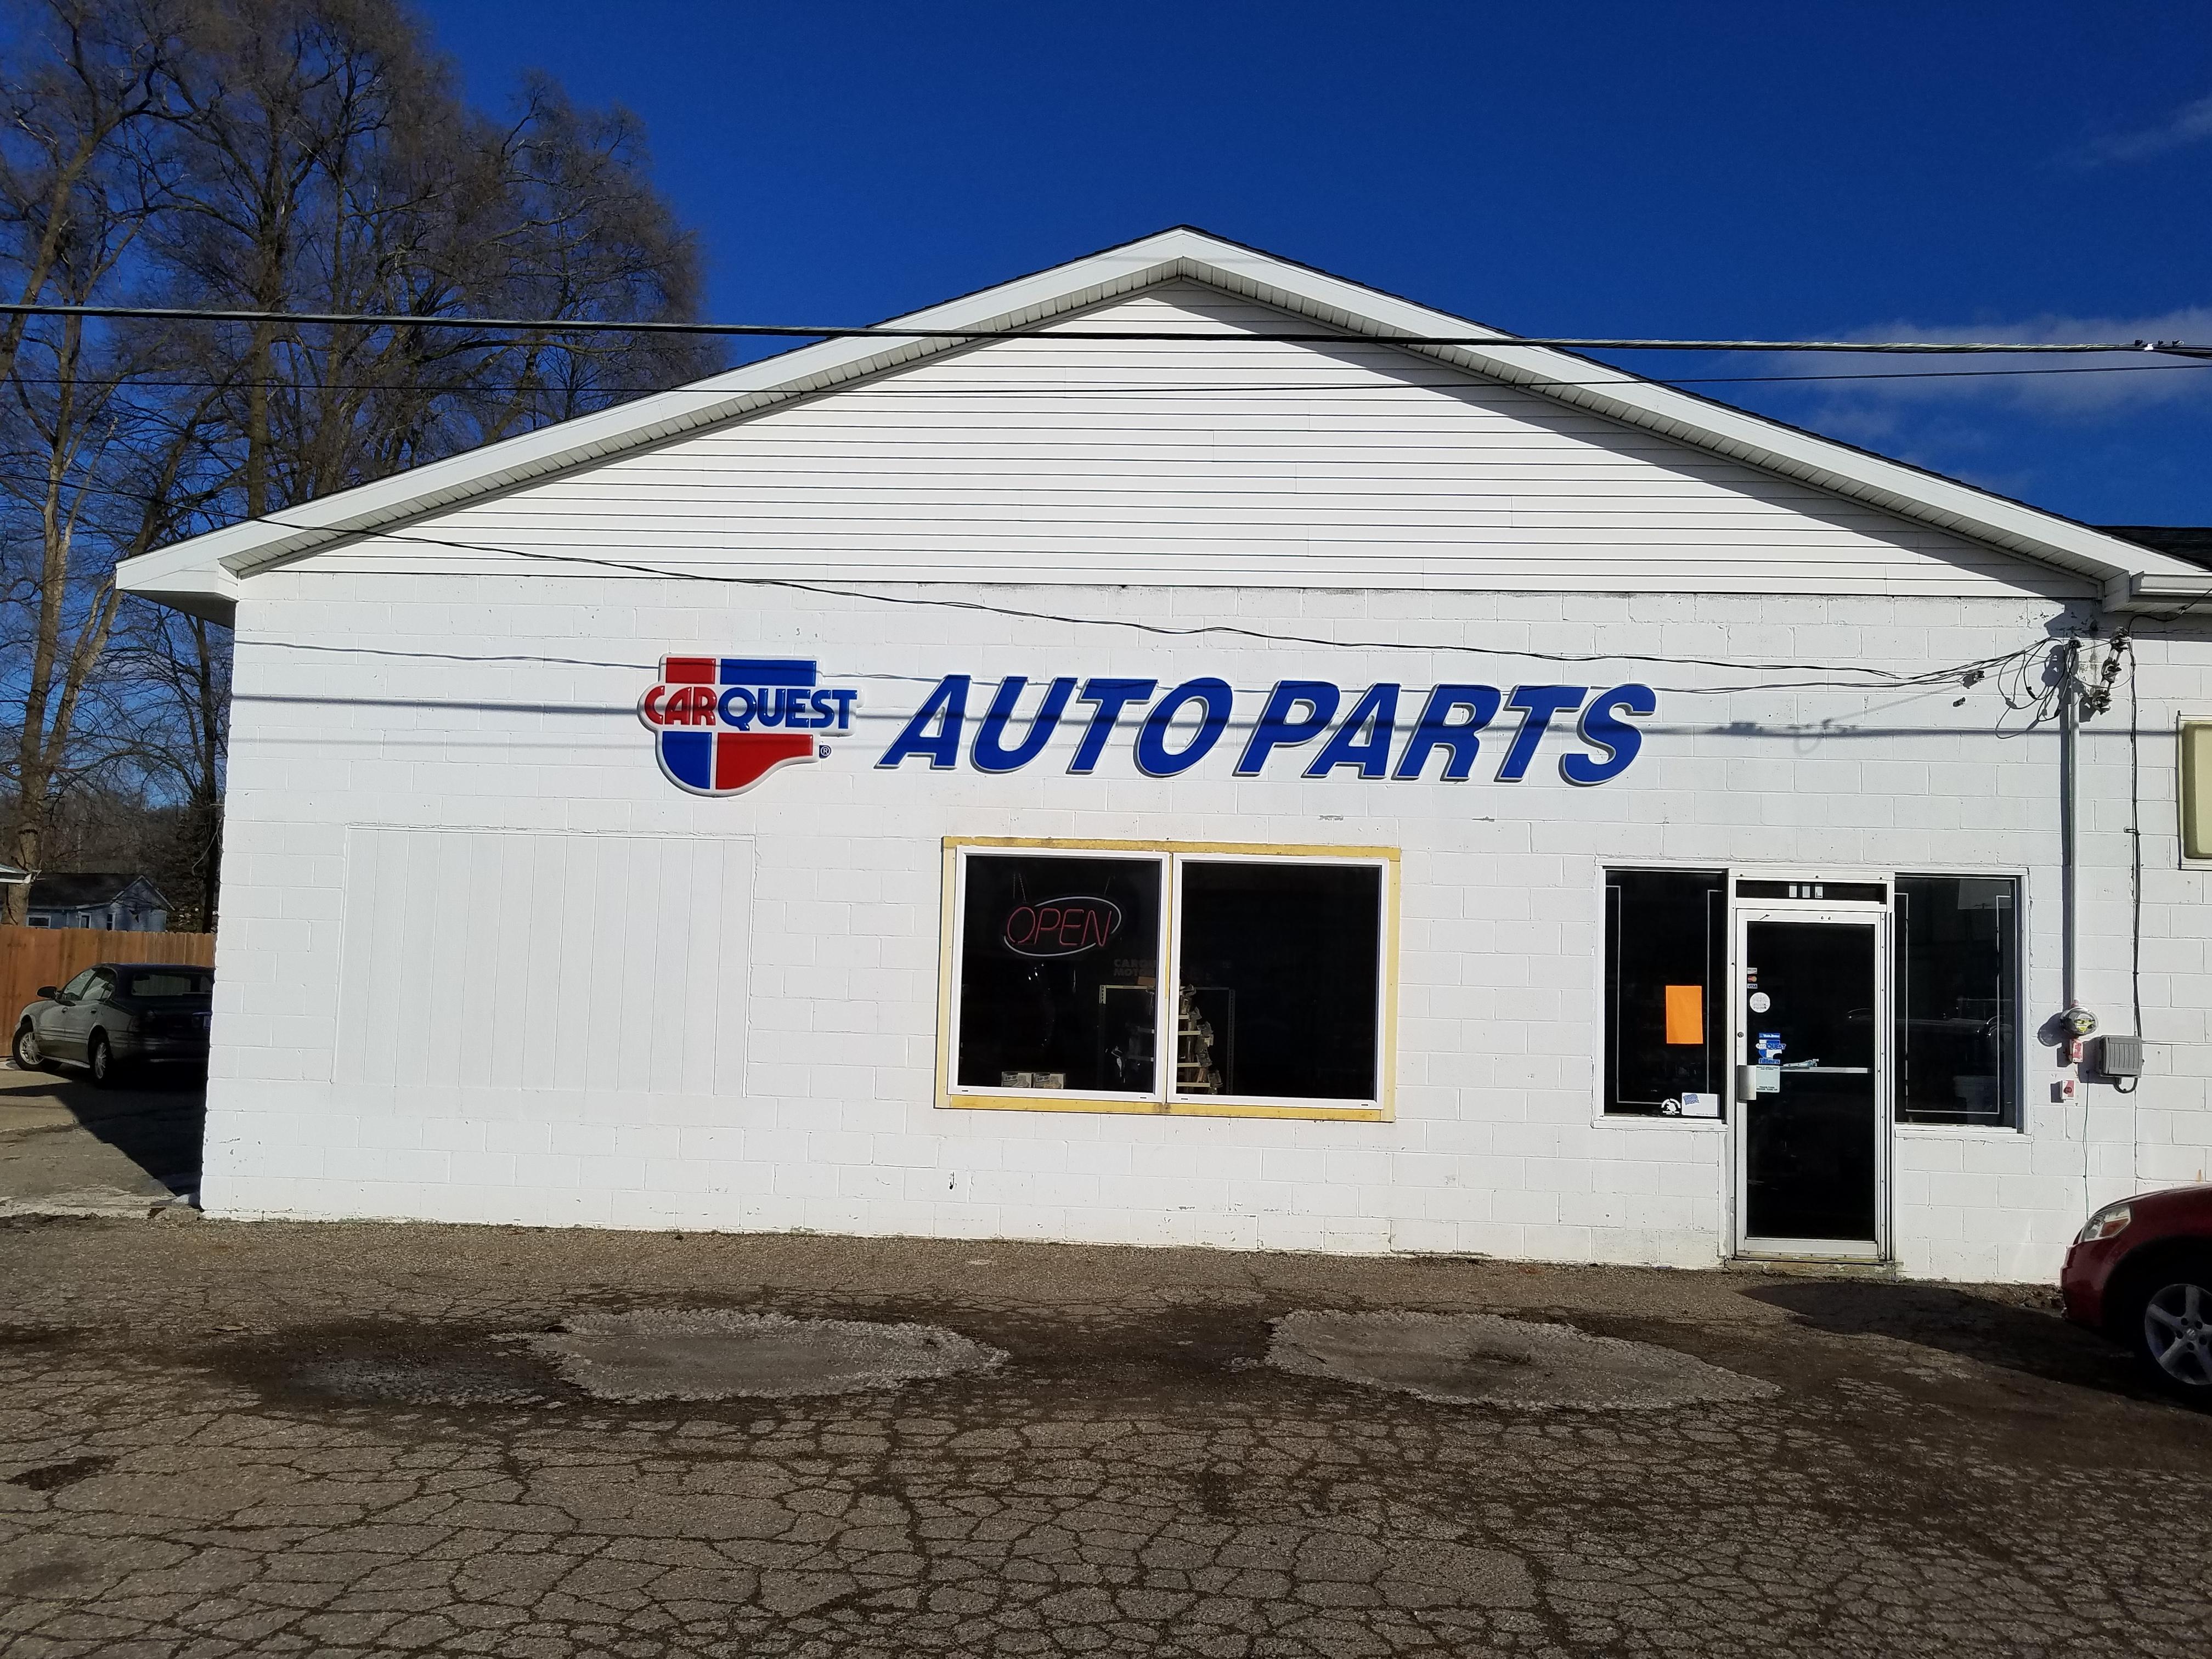 Carquest Auto Parts - Freys Auto Parts image 0